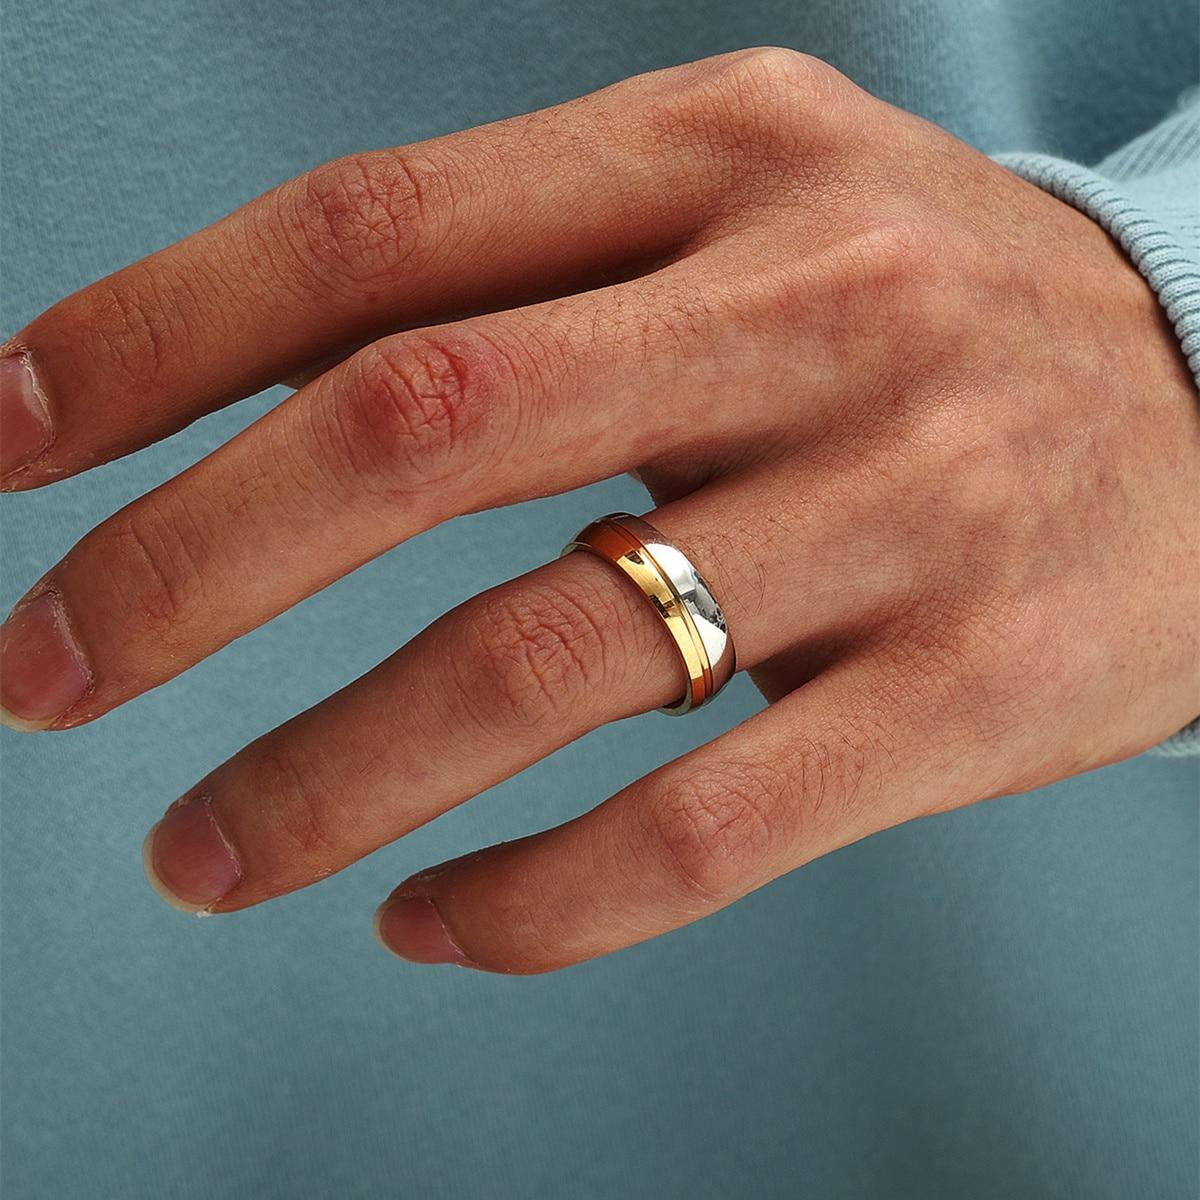 Кольцо обручальное из нержавеющей стали 316L, серебро 925 пробы, Размер 17 18 19 20 21 мм